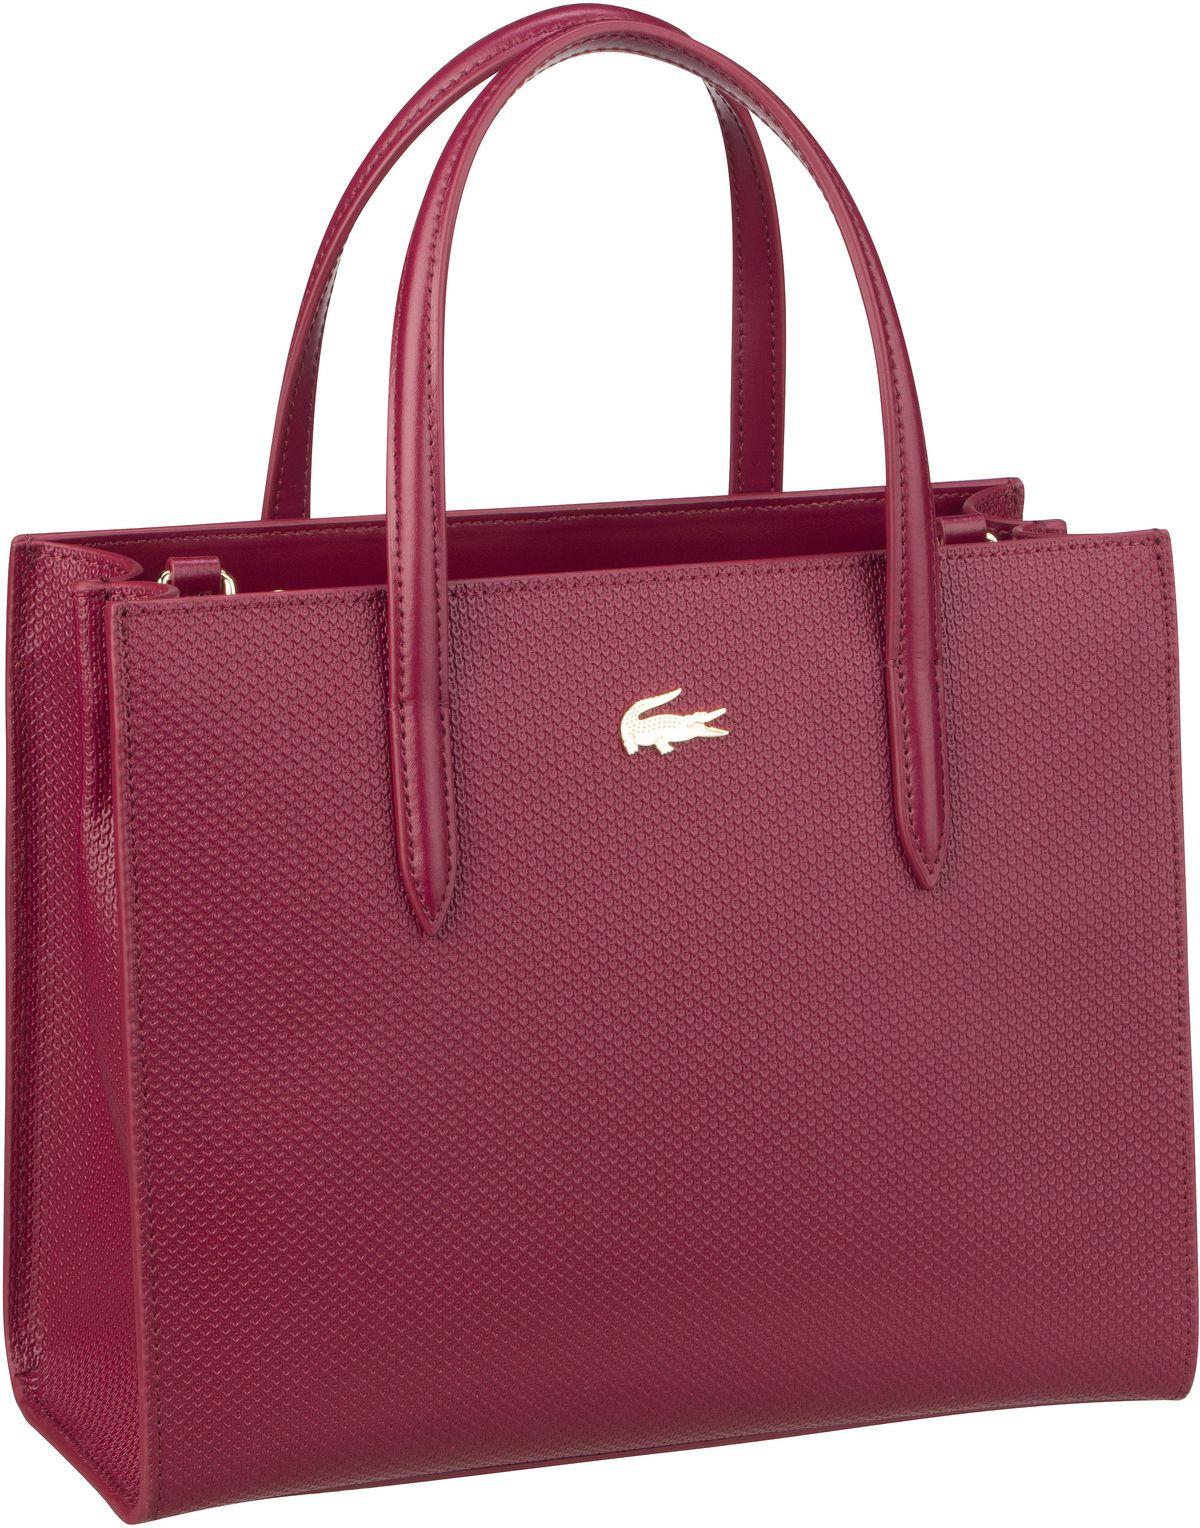 Handtasche Chantaco Tote Bag 2562 Tawny Port